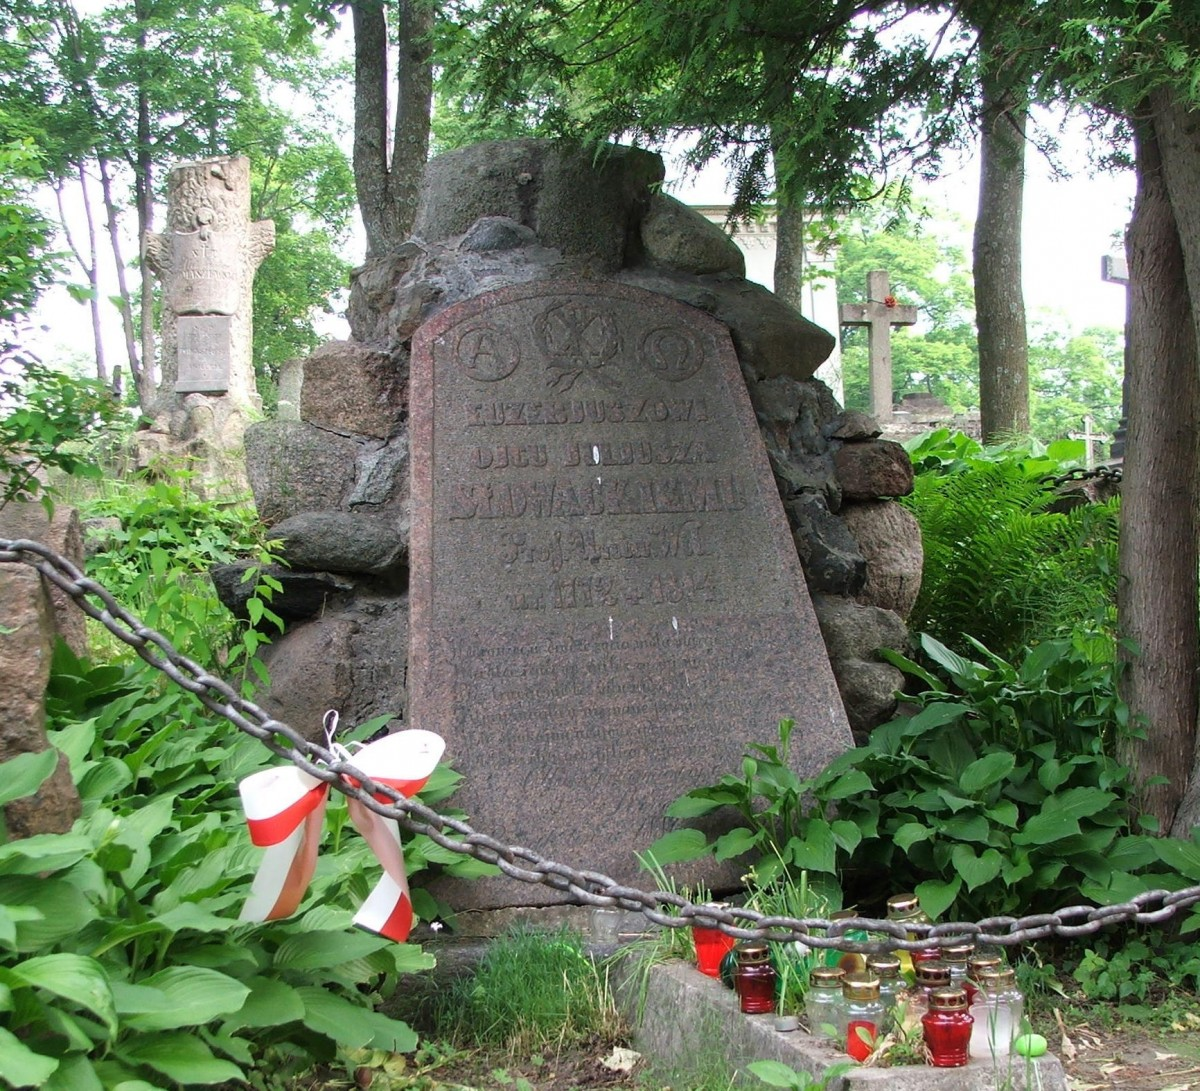 Zdjęcia: Wilno, Cmentarz na Rossie, Grób ojca Juliusza Słowackiego, LITWA